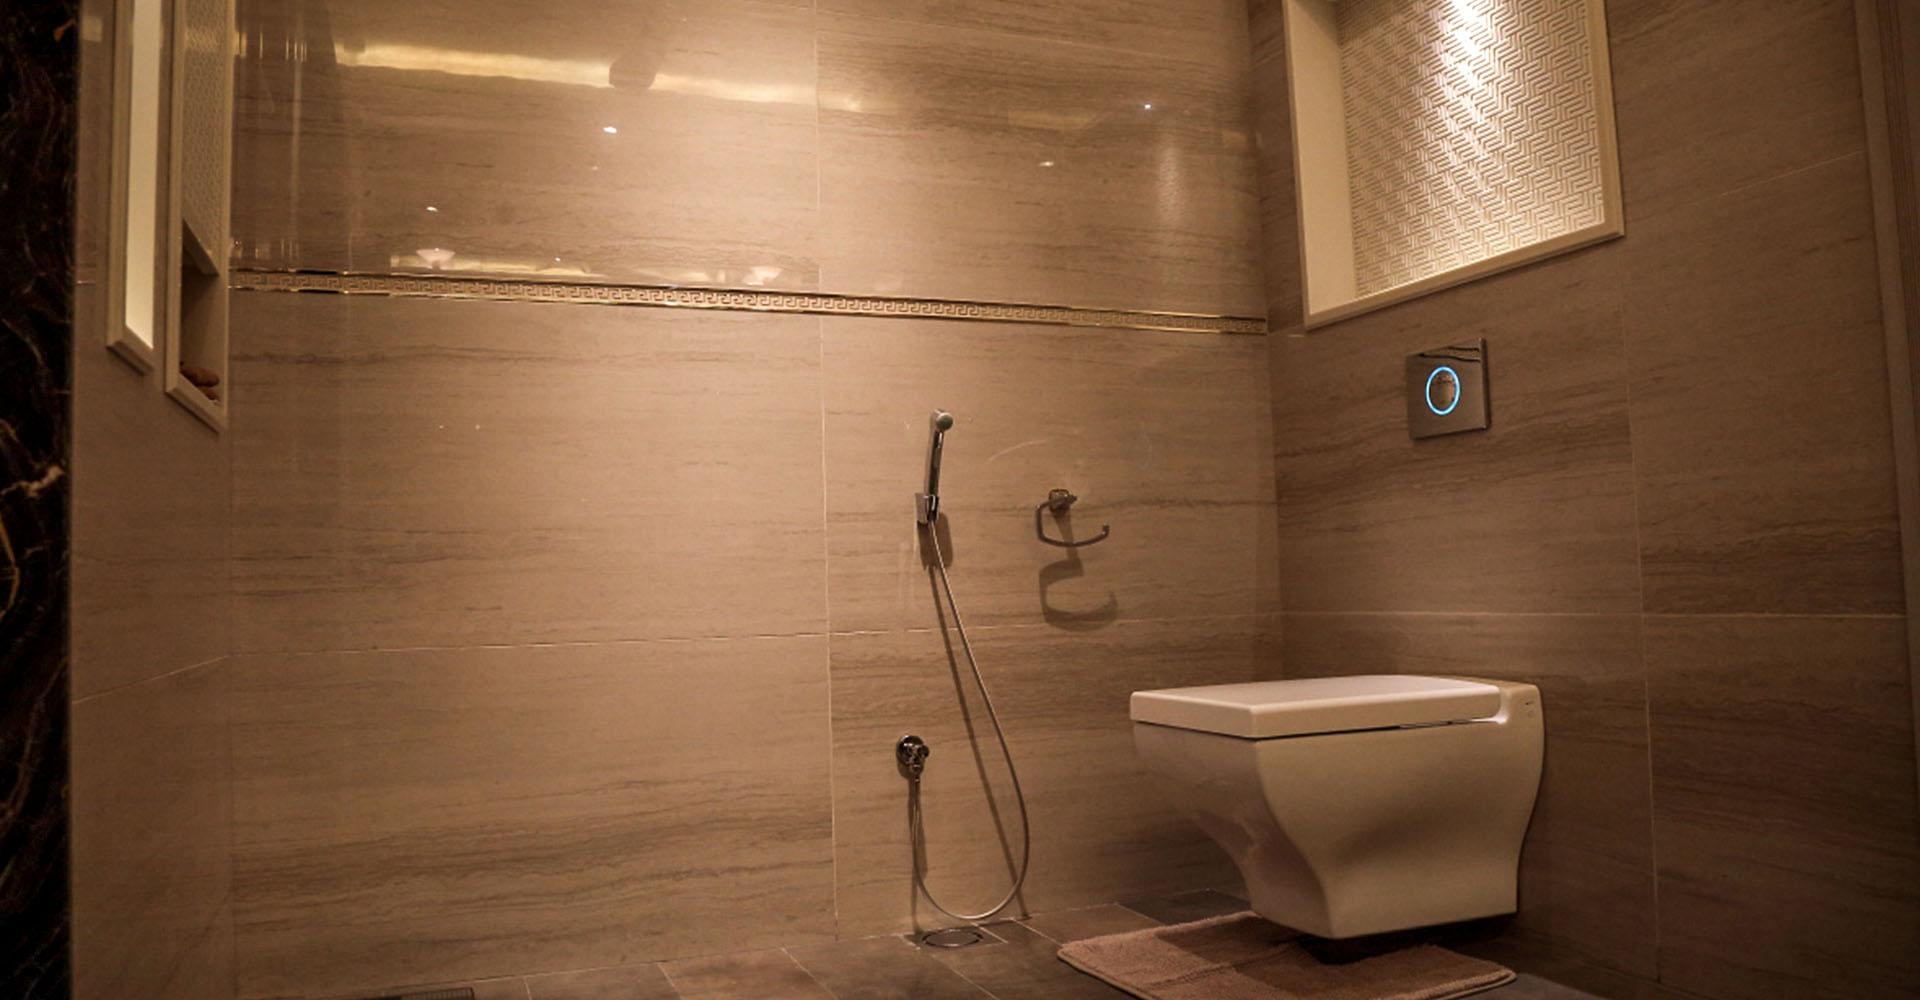 Residential-Design-Hiline-Lahore-portfolio-30-Tufail-Road-08